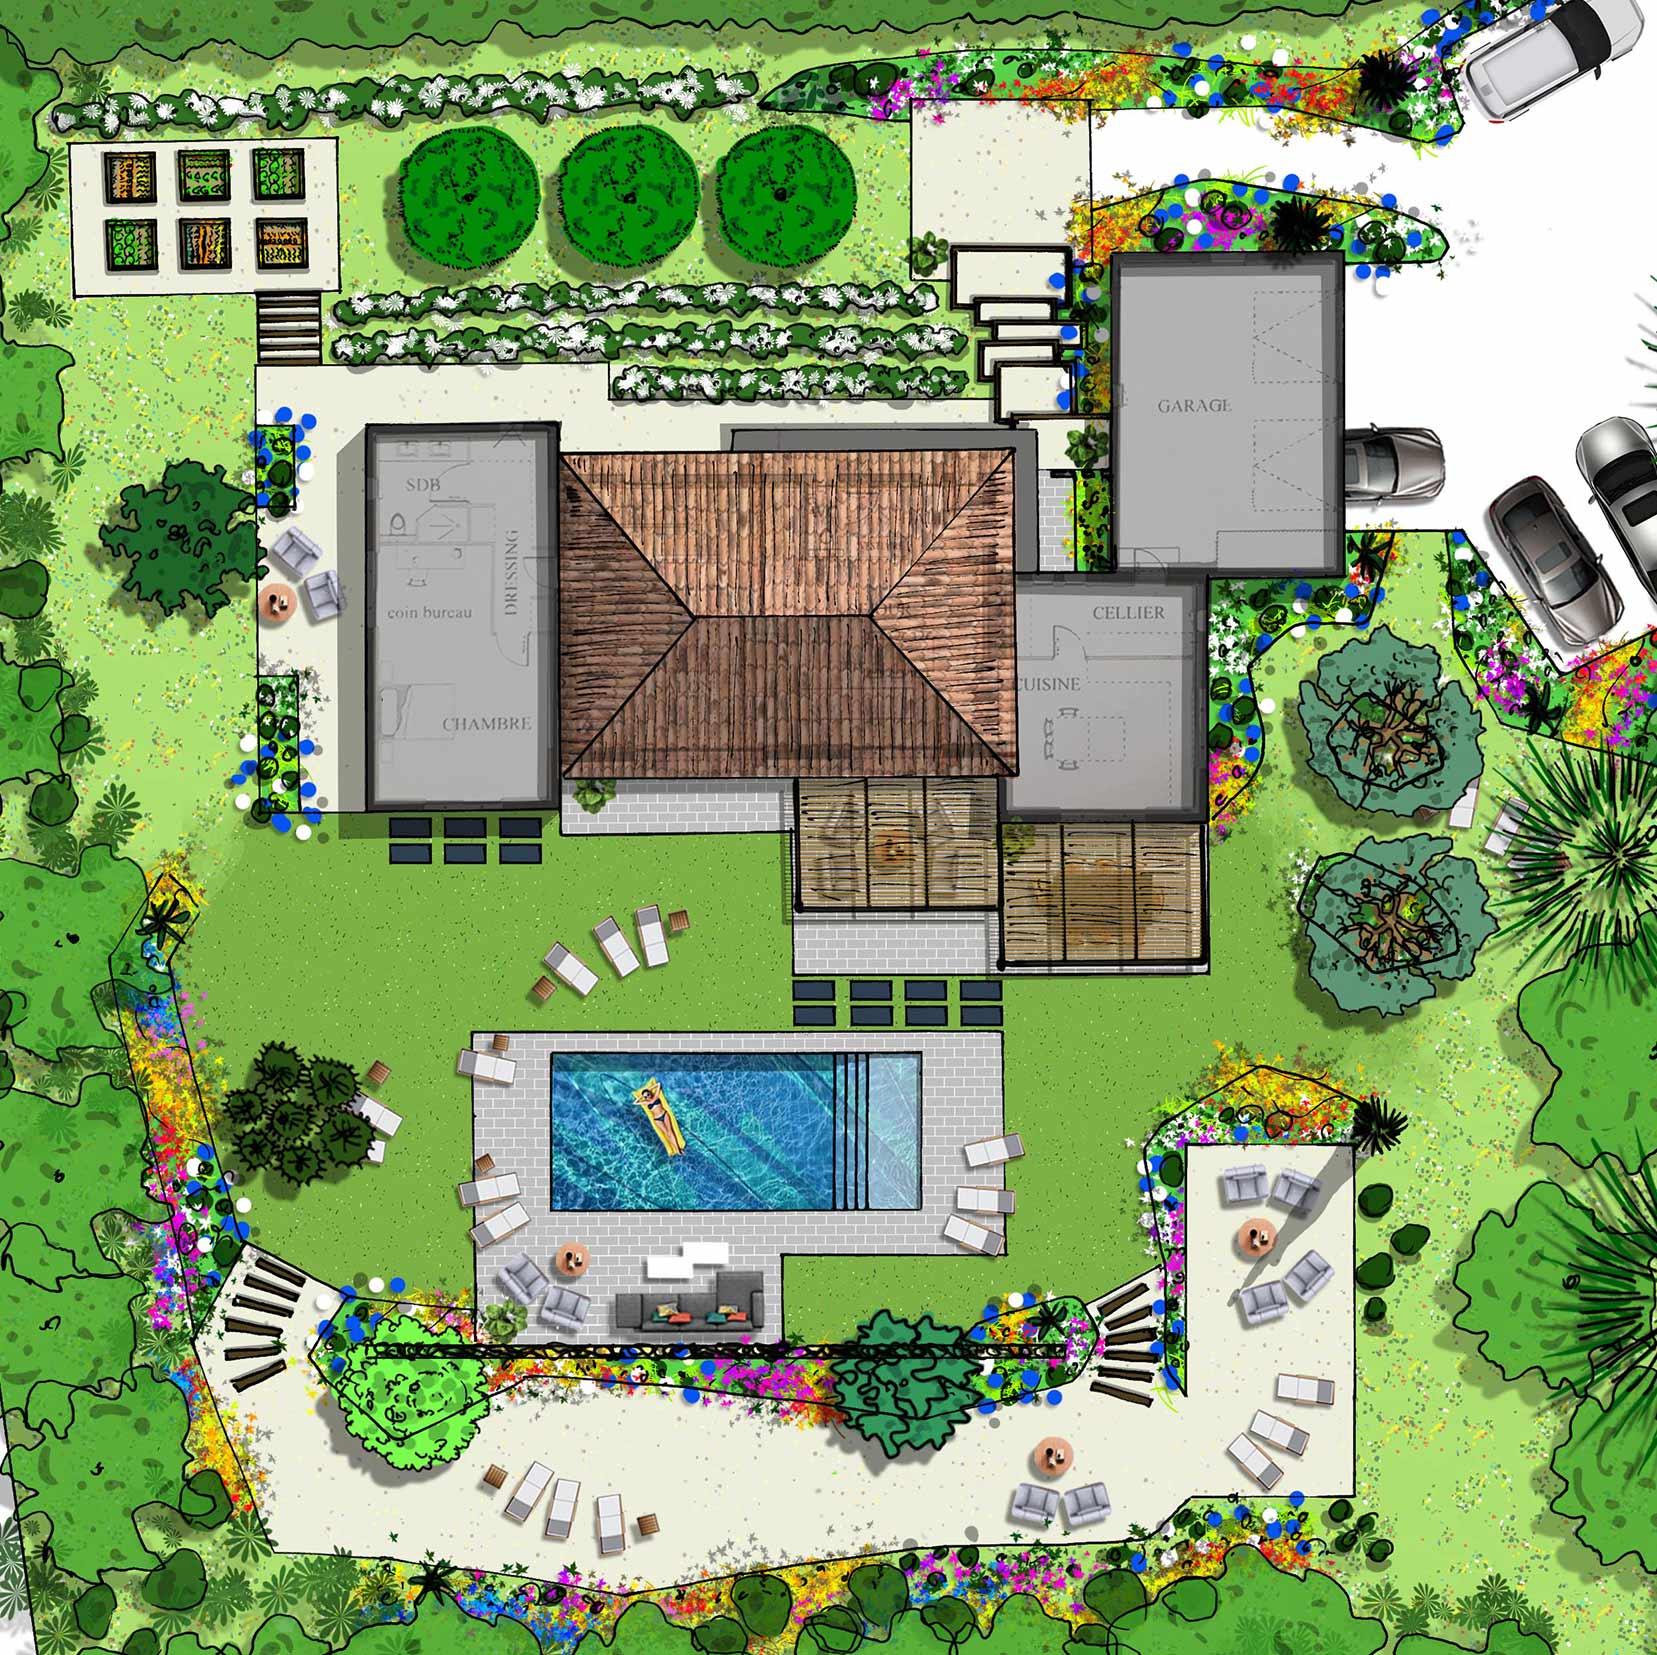 Atelier Naudier - Architecte paysagiste concepteur - Montpellier & Aix en Provence - Projet jardin méditerranéen contemporain - Zoom - aménagement jardin